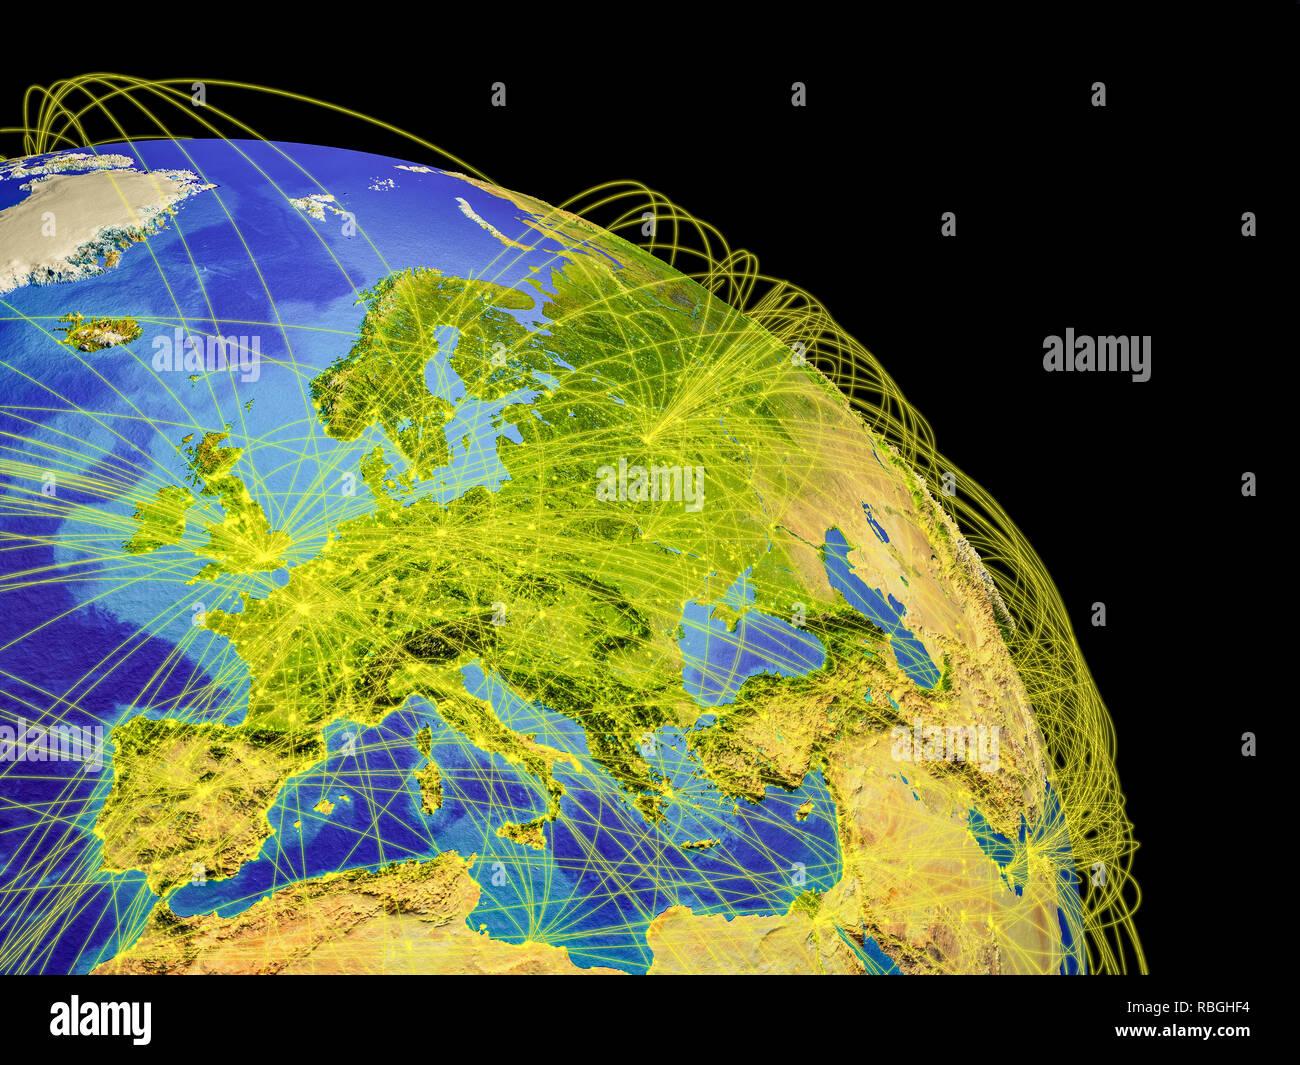 Europa aus dem All mit Trajektorien, die globale Kommunikation, Reisen, Verbindungen. 3D-Darstellung. Elemente dieses Bild von der NASA eingerichtet. Stockfoto